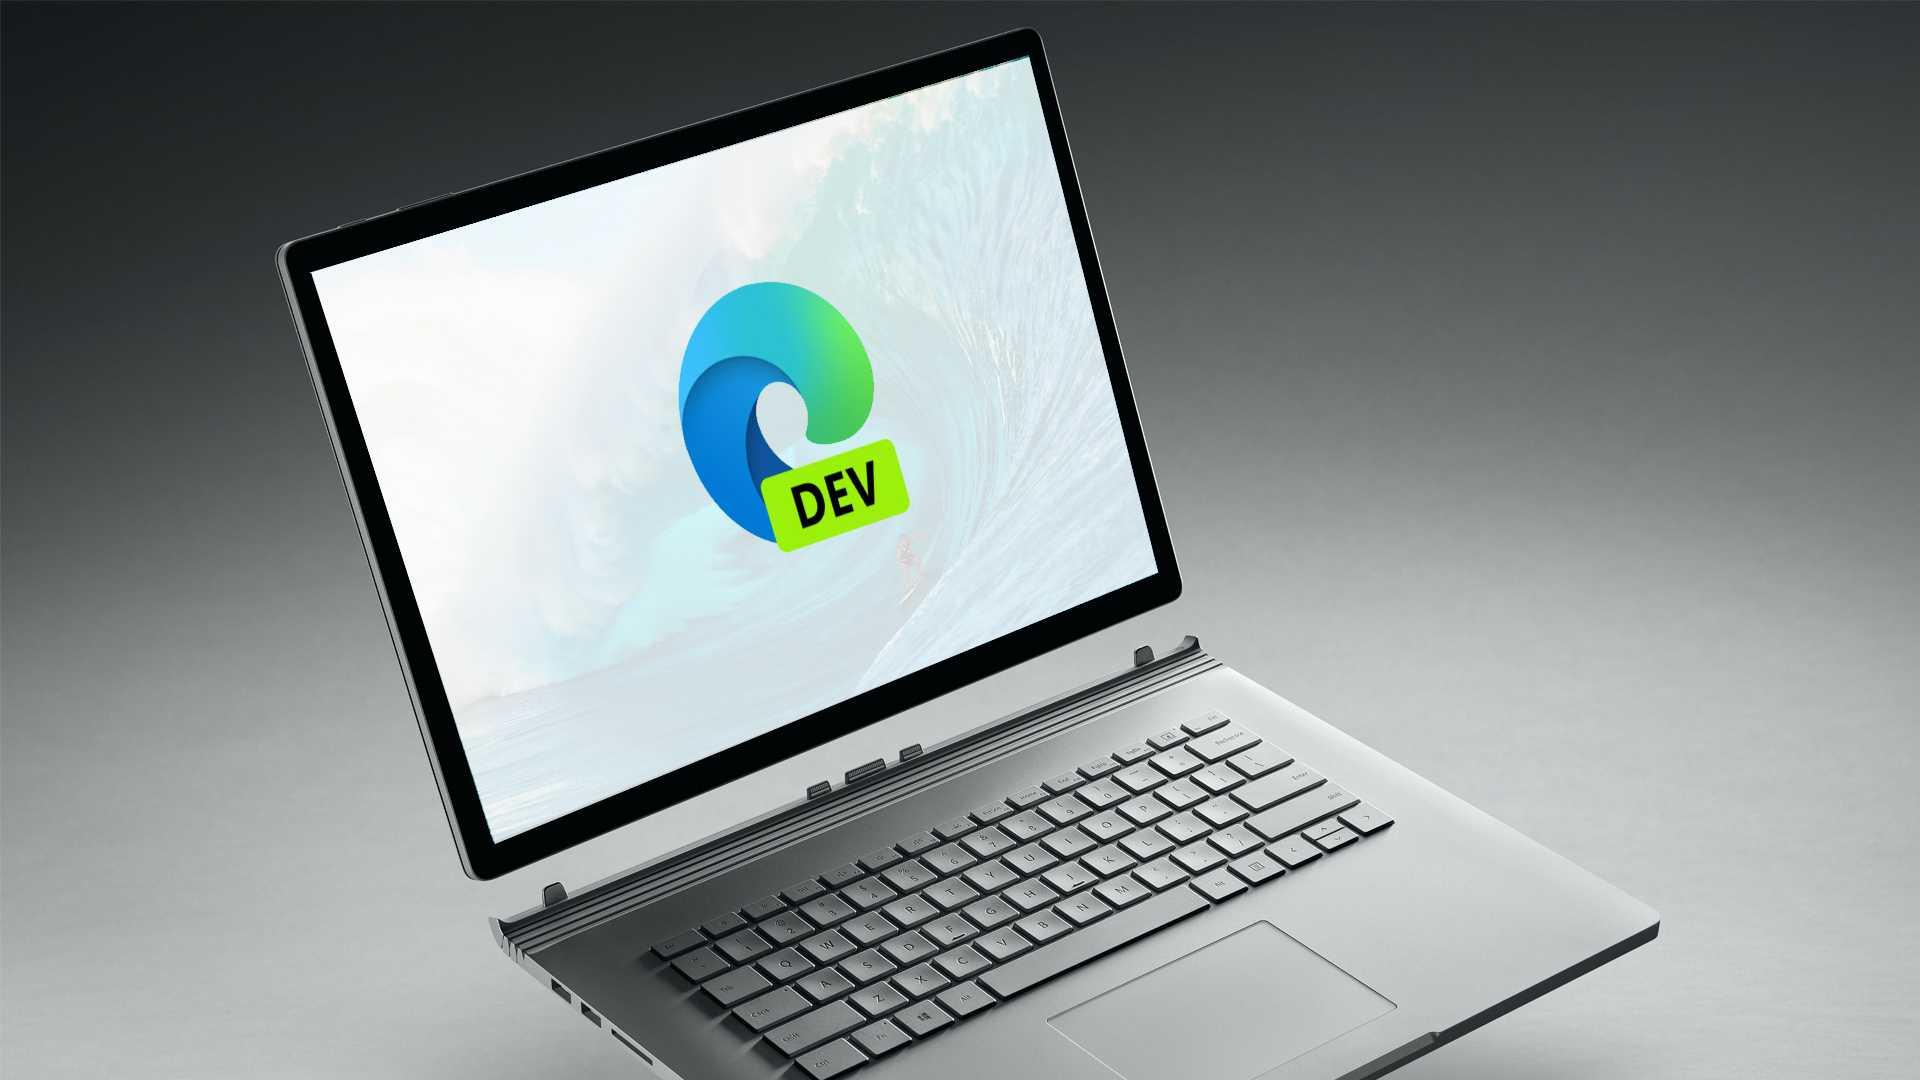 Microsoft Edge Dev est mis à jour vers la version 90.0.803.0